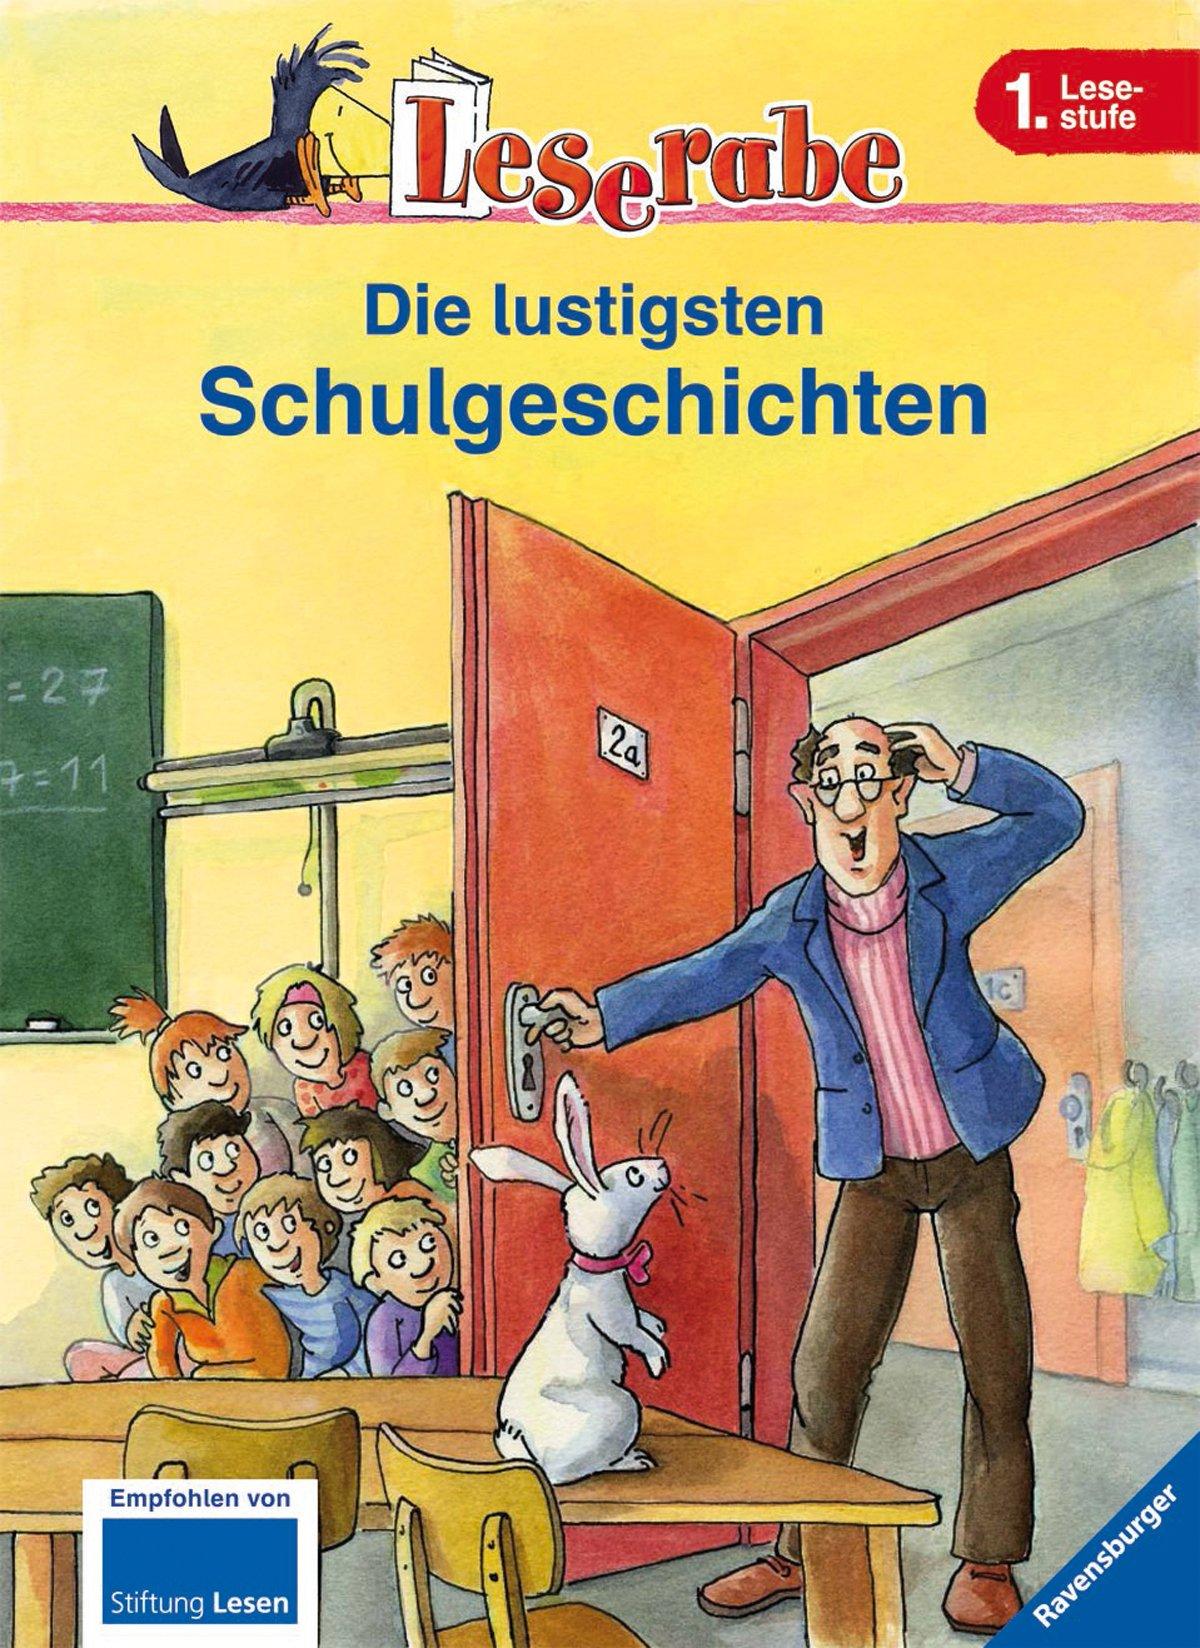 Die lustigsten Schulgeschichten